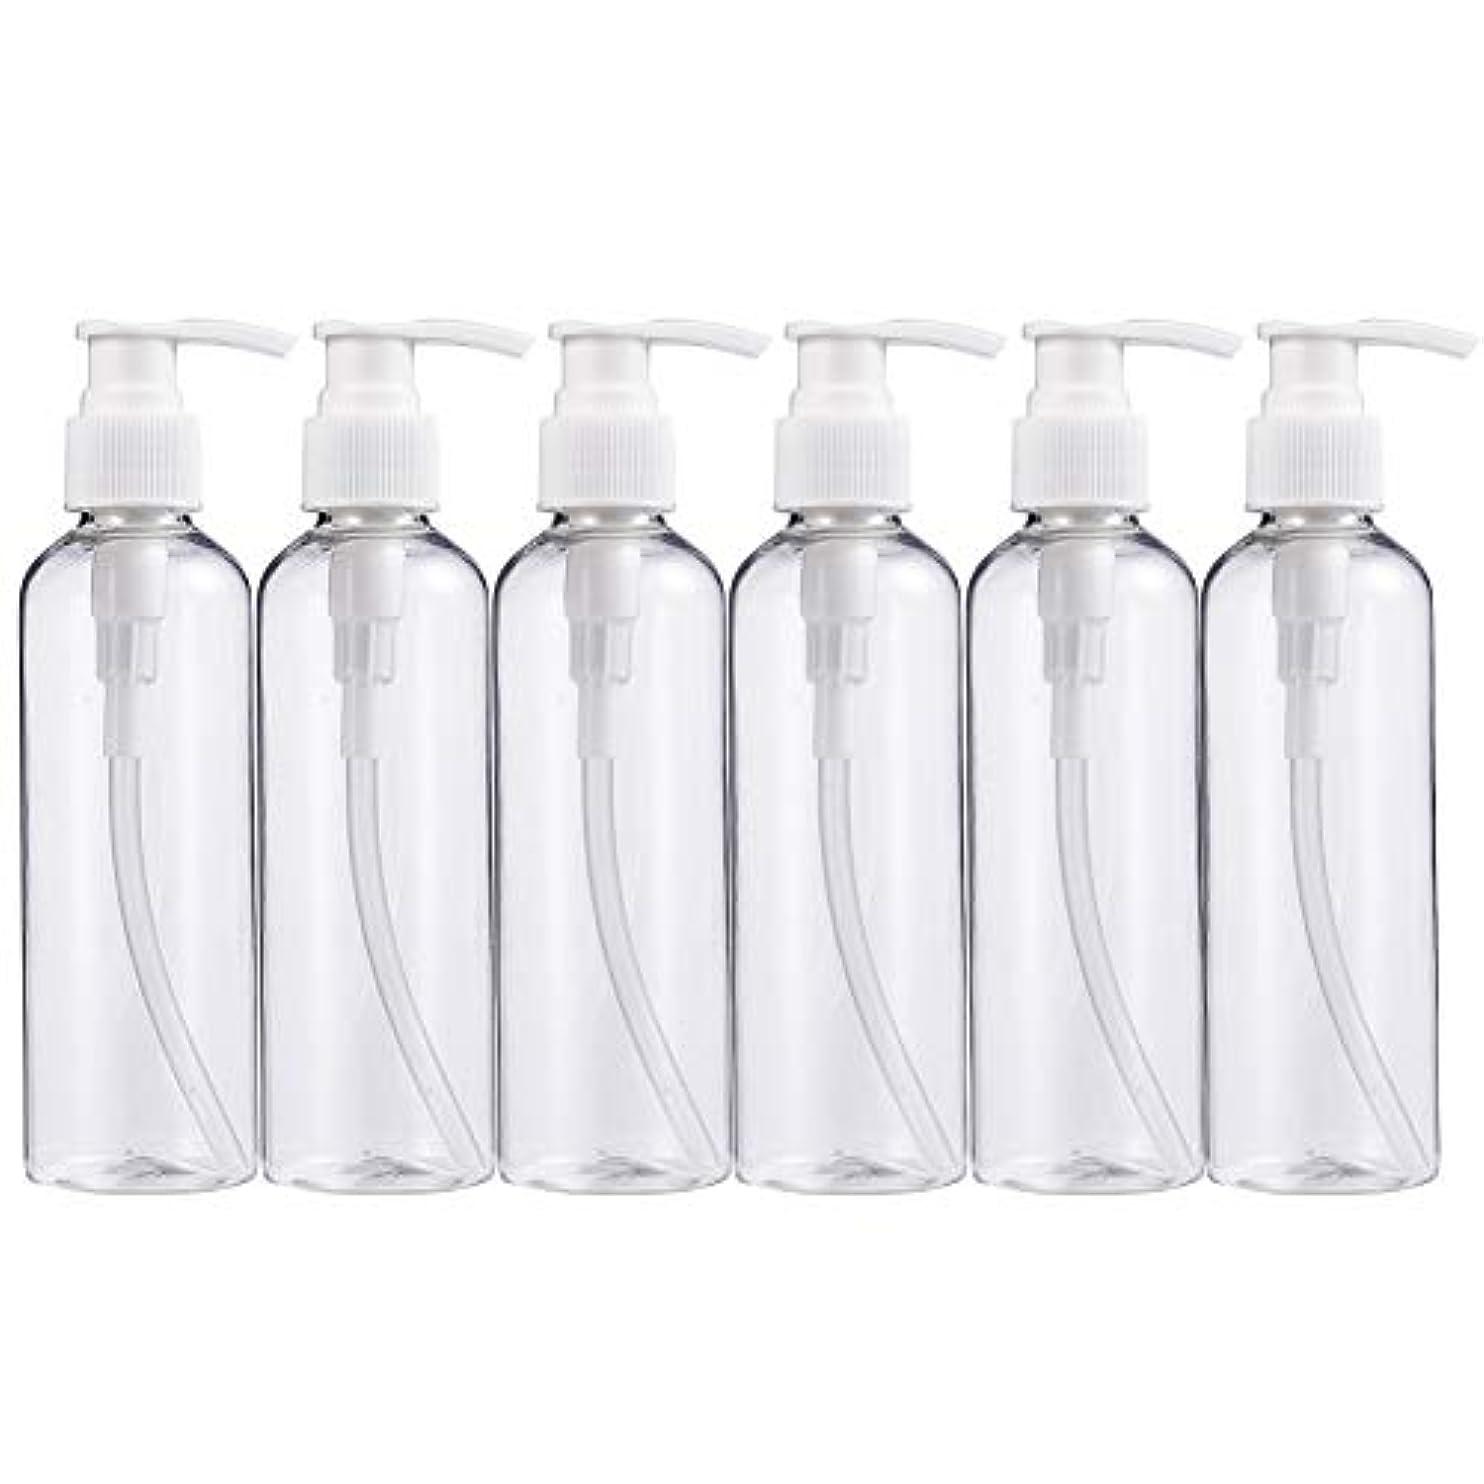 花嫁そのであるBENECREAT 200mlプラスティックスボトル 6個セット小分けボトル プラスチック容器 液体用空ボトル 押し式詰替用ボトル 詰め替え シャンプー クリーム 化粧品 収納瓶